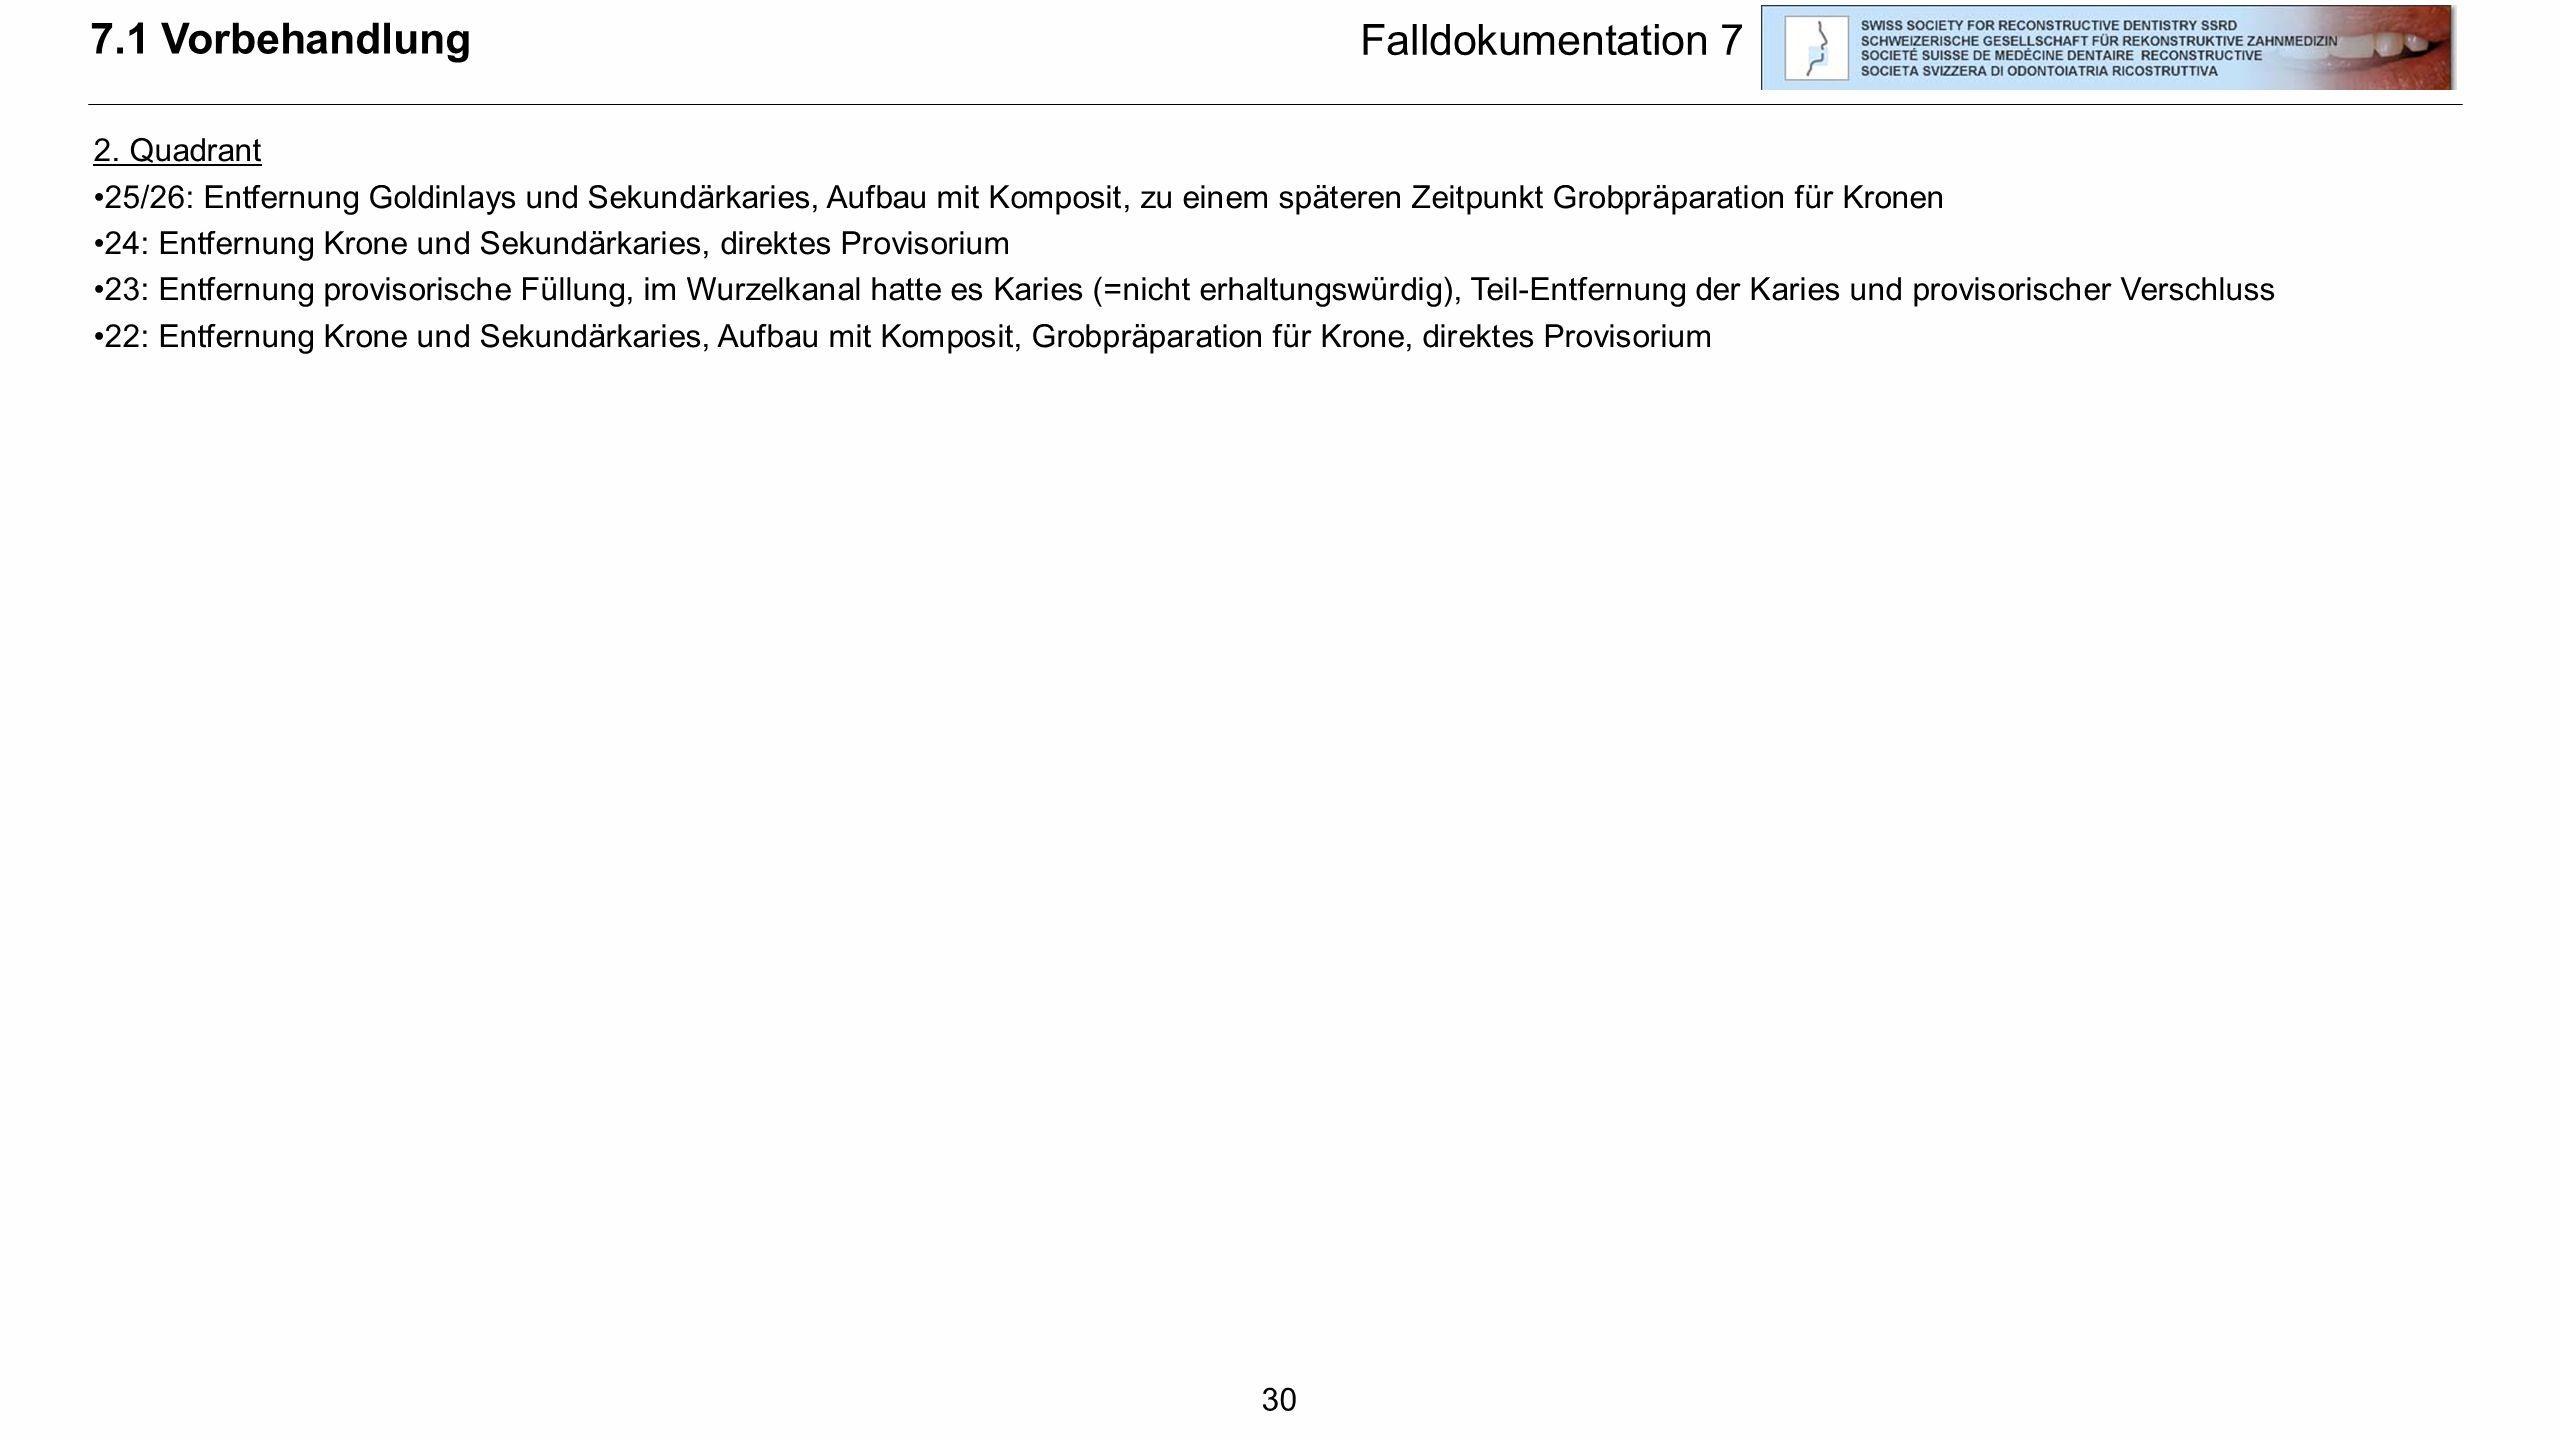 30 7.1 Vorbehandlung Falldokumentation 7 2. Quadrant 25/26: Entfernung Goldinlays und Sekundärkaries, Aufbau mit Komposit, zu einem späteren Zeitpunkt